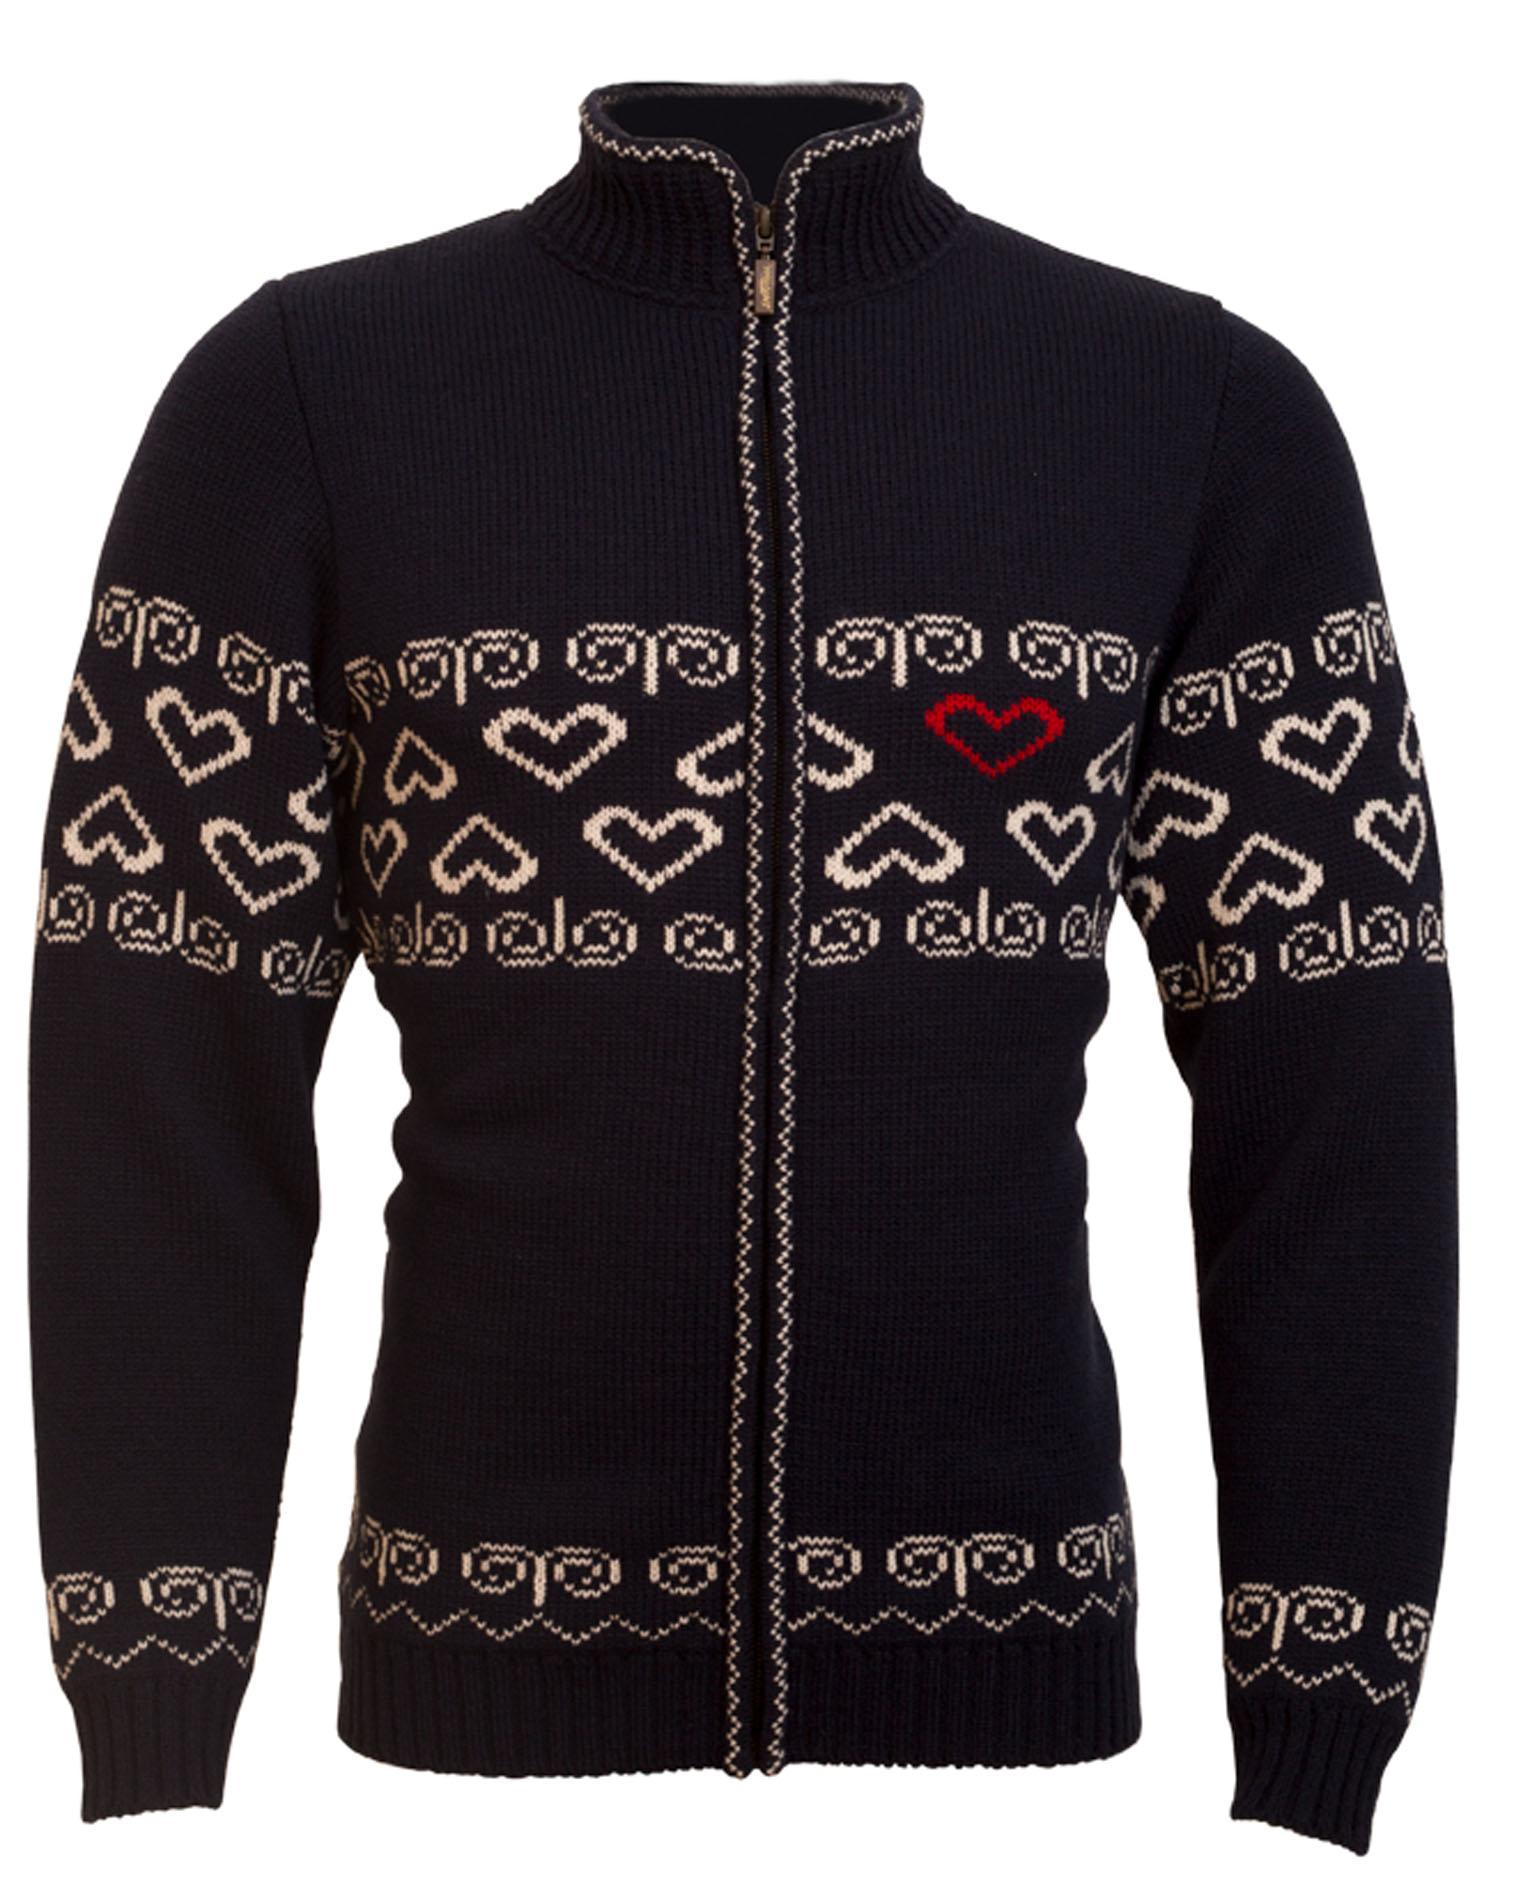 9226fb0a70b1 Pánsky sveter SOCHI 389 - tmavomodrá prírodná